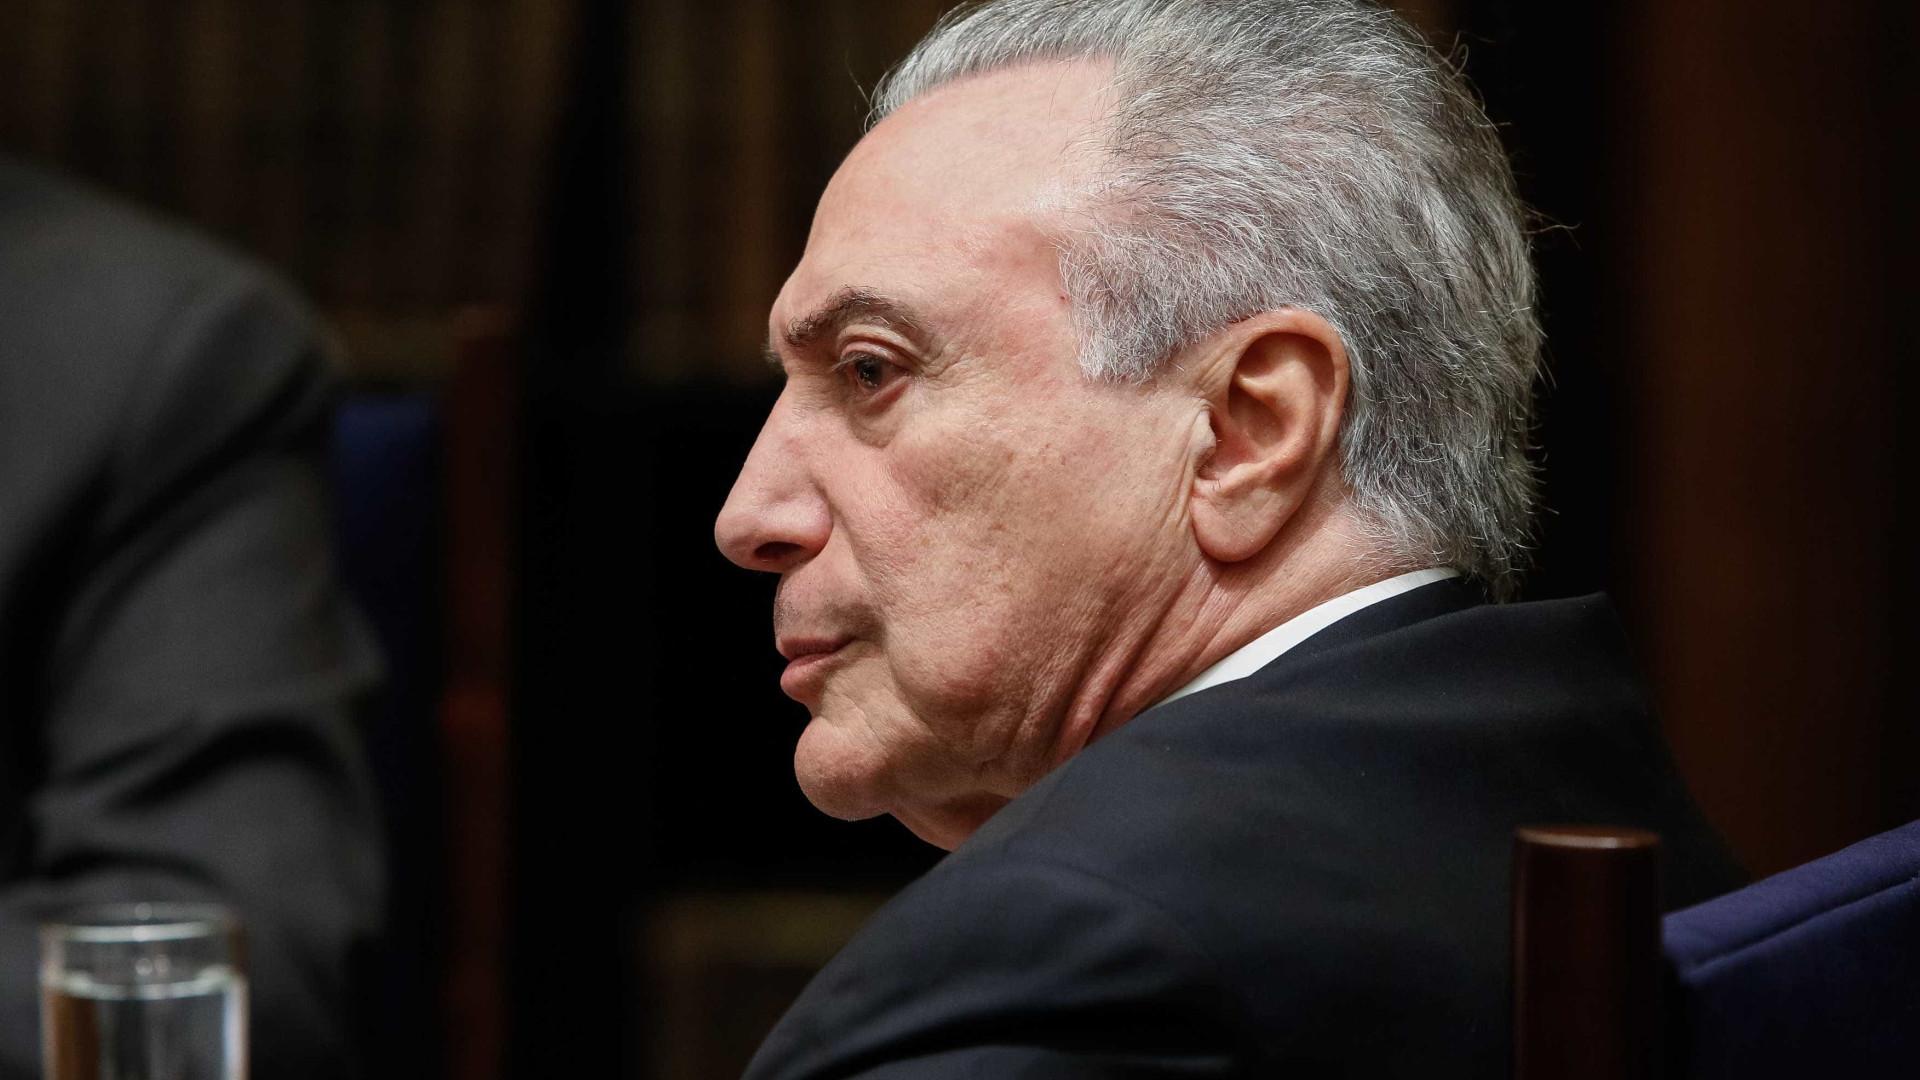 Planilha mostra R$ 1 milhão que teria sido pago pela JBS a Temer